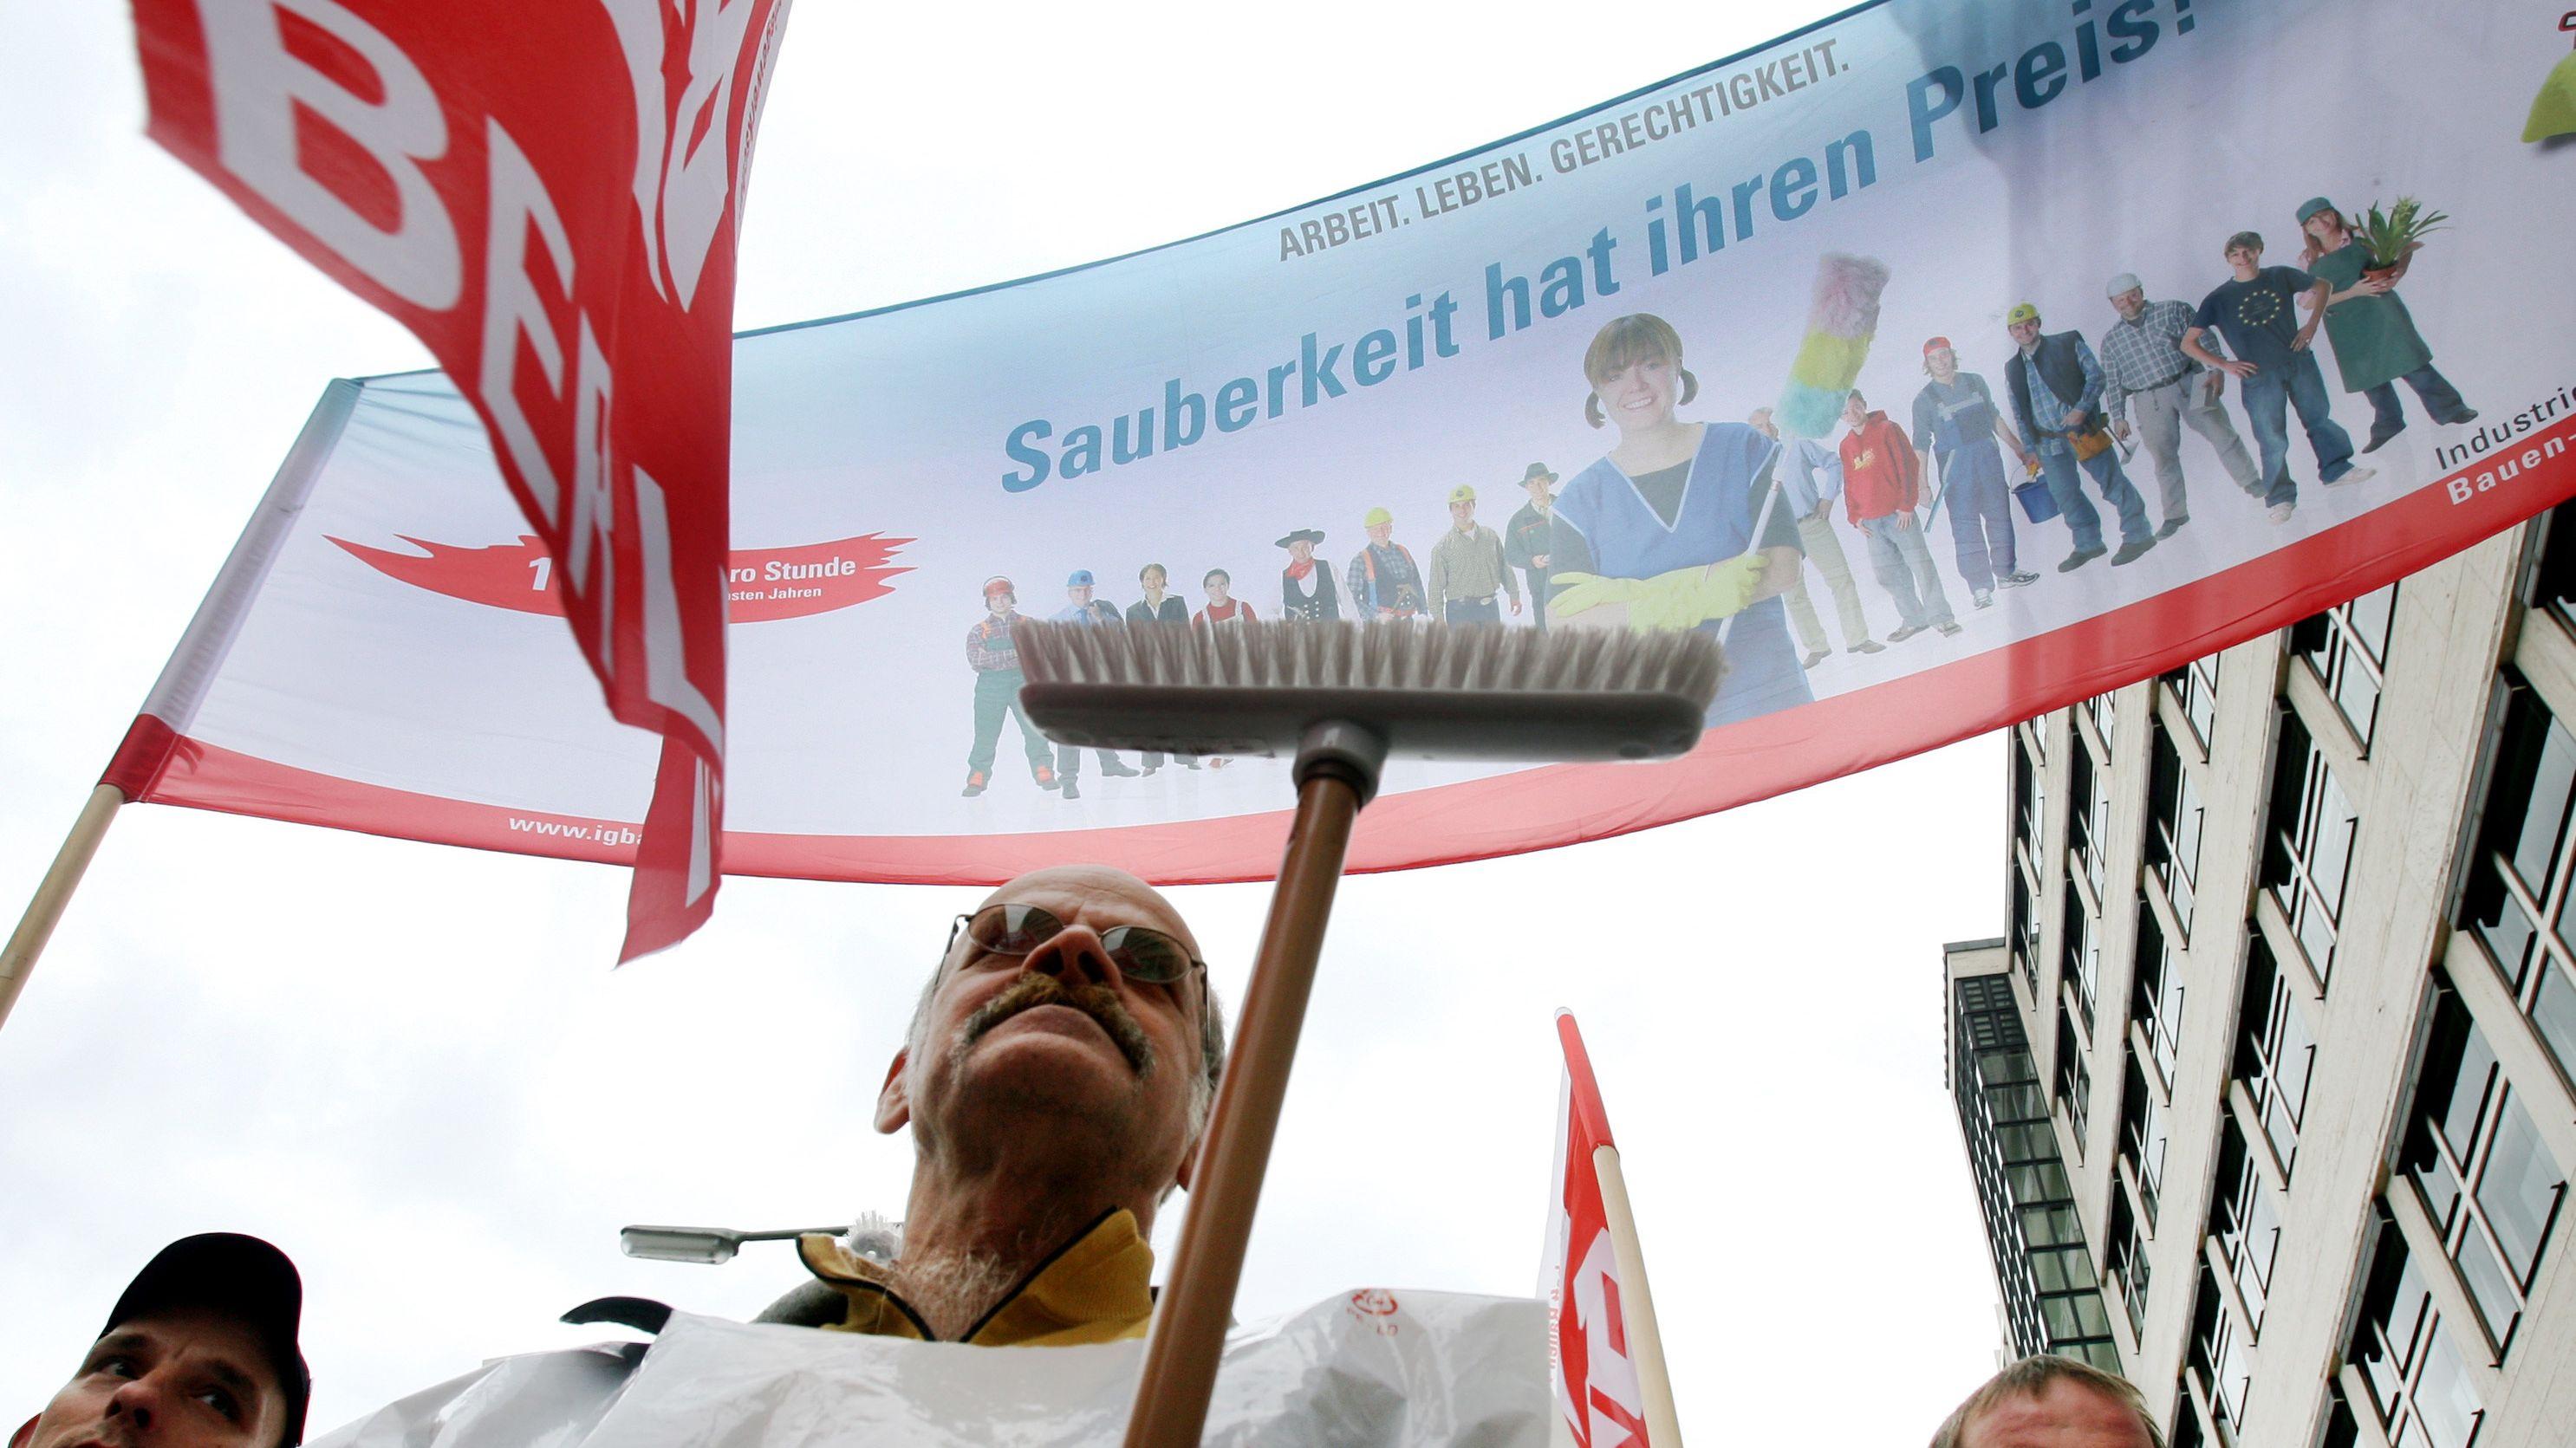 """Gebäudereiniger der IG Bauen-Agrar-Umwelt streikten am Montag in Berlin mit einem Transparent mit der Aufschrift """"Sauberkeit hat ihren Preis""""."""